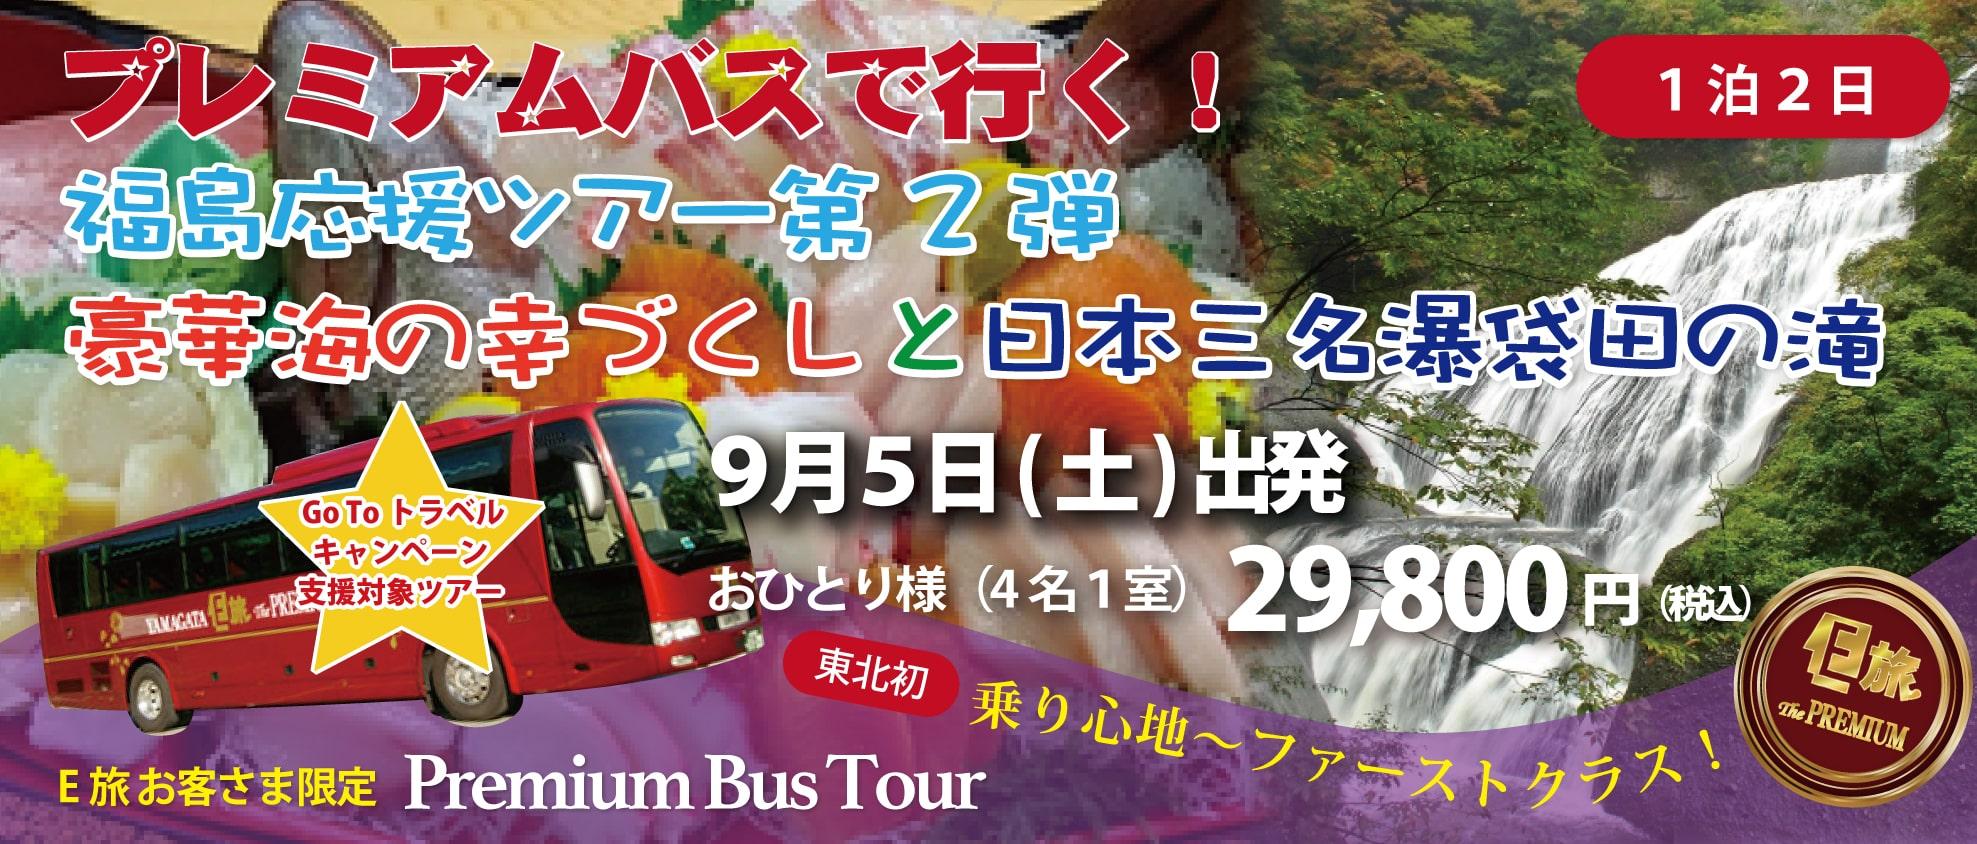 プレミアムバスで行く!福島応援ツアー第2弾 豪華海の幸づくしと日本三名瀑袋田の滝★